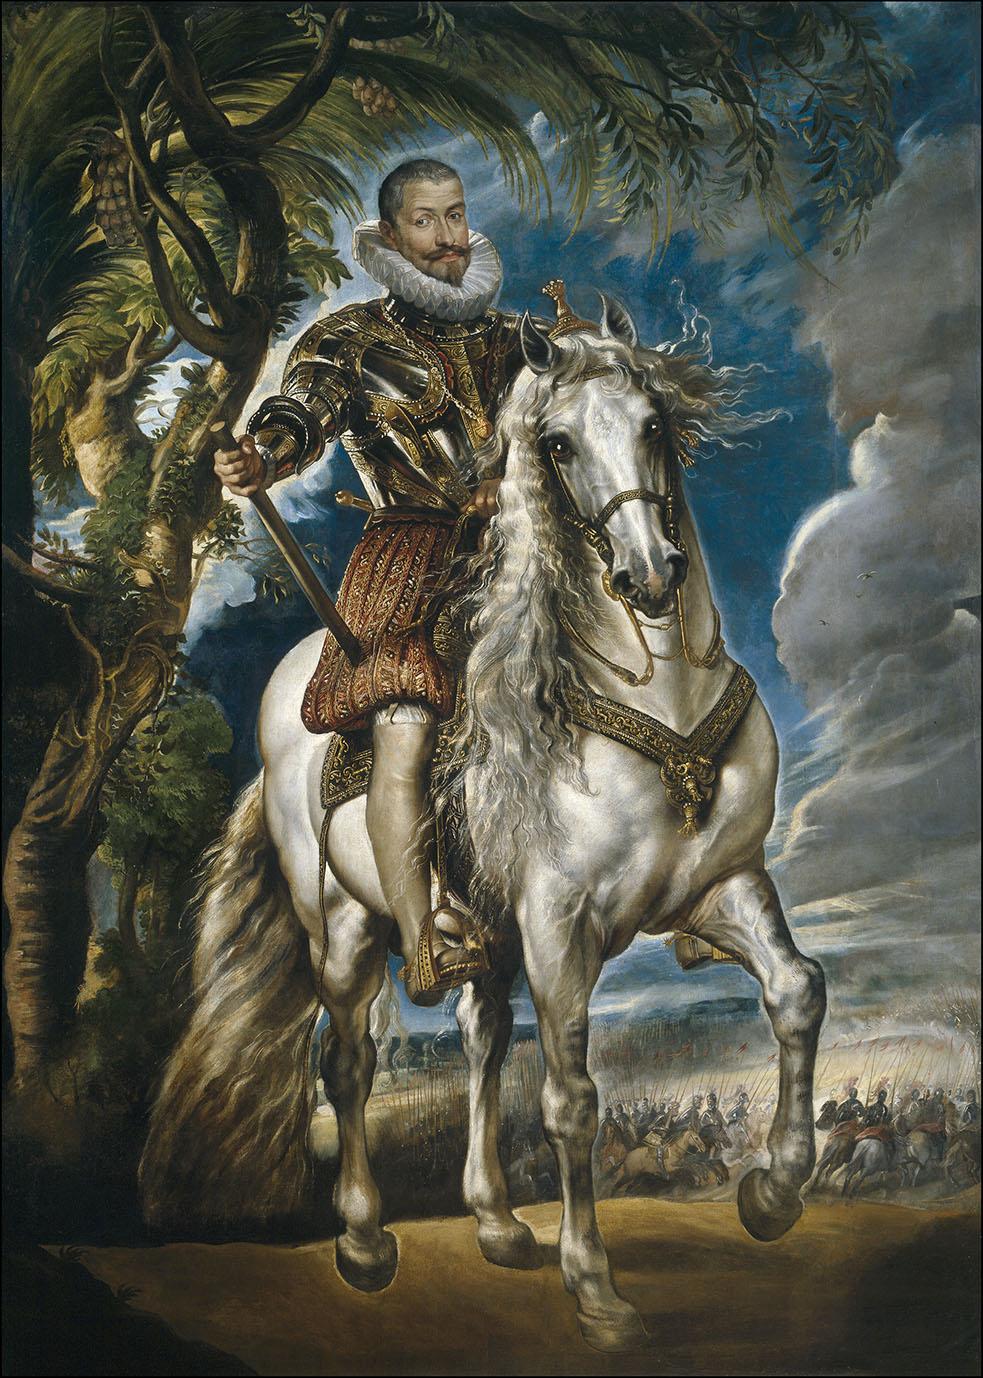 Peter Paul Rubens. Retrato ecuestre del duque de Lerma. 1603. Museo Nacional del Prado. Madrid.